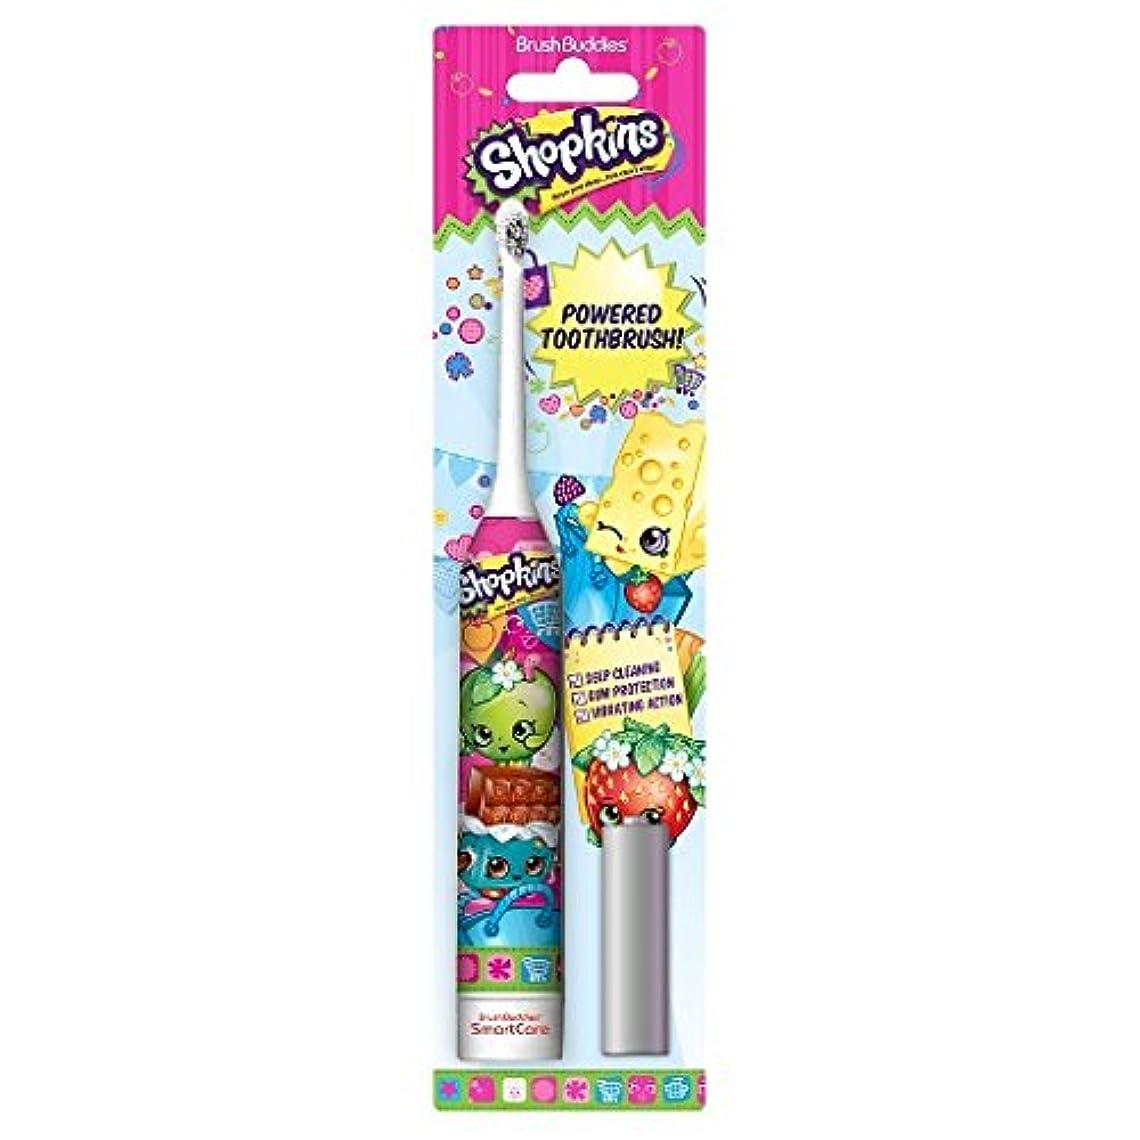 熱離れて一貫したBrush Buddies Shopkins Sonic Powered Toothbrush ソニックパワード電動歯ブラシ [並行輸入品]